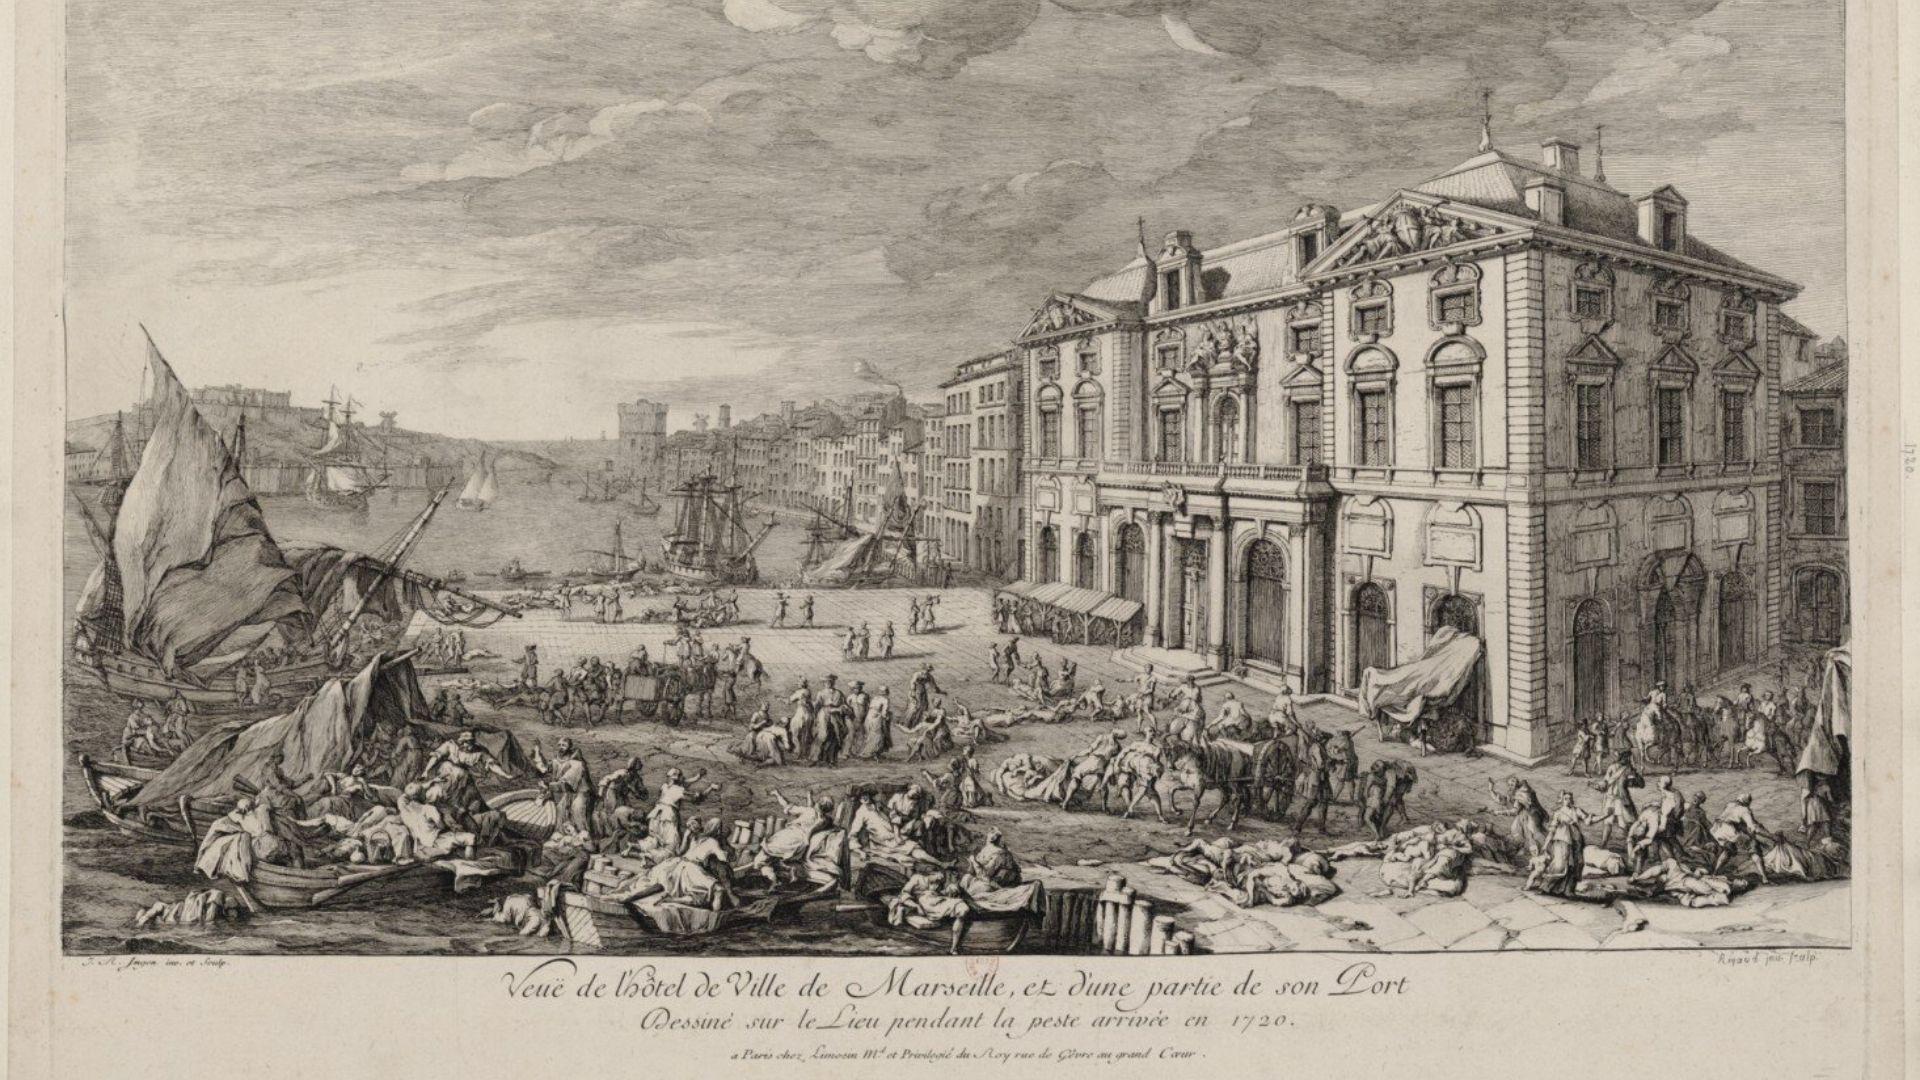 La Peste de Marsella. Años 1720-1722. Último brote de peste bubónica que afectó a la Europa occidental, con incidencias demográficas únicamente en la baja Provenza y el Languedoc. Venida de Oriente, Marsella, con su activo puerto comercial, fue la ciudad más afectada. Causó 120.000 muertos.